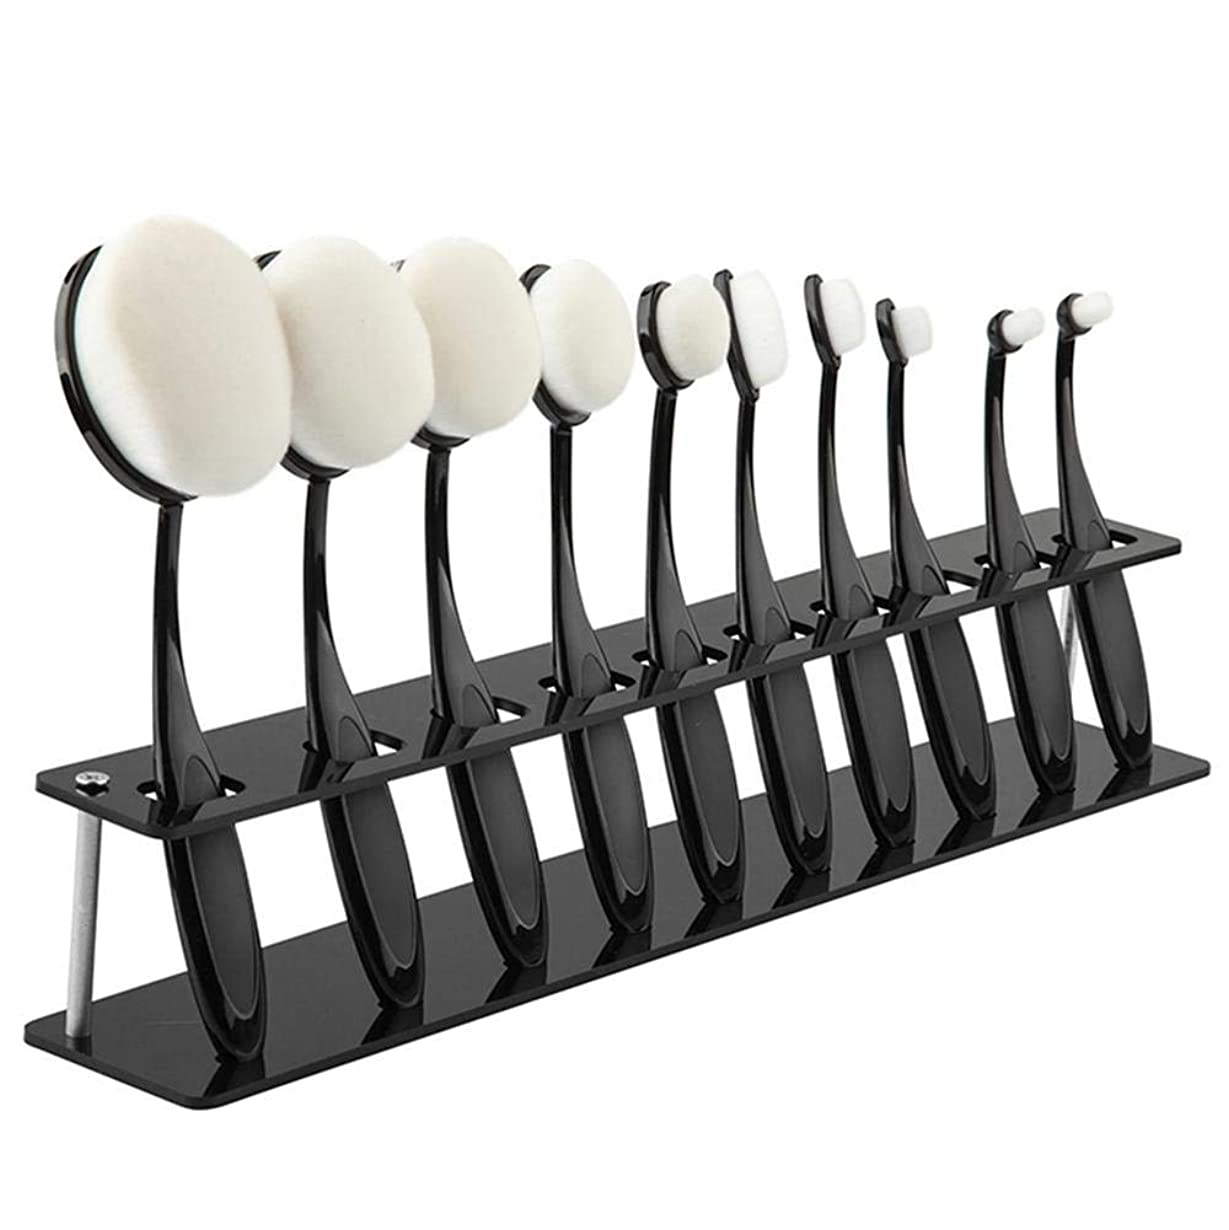 巻き取り避けるベーシック10歯ブラシ化粧ブラシホルダー配置ブラケット